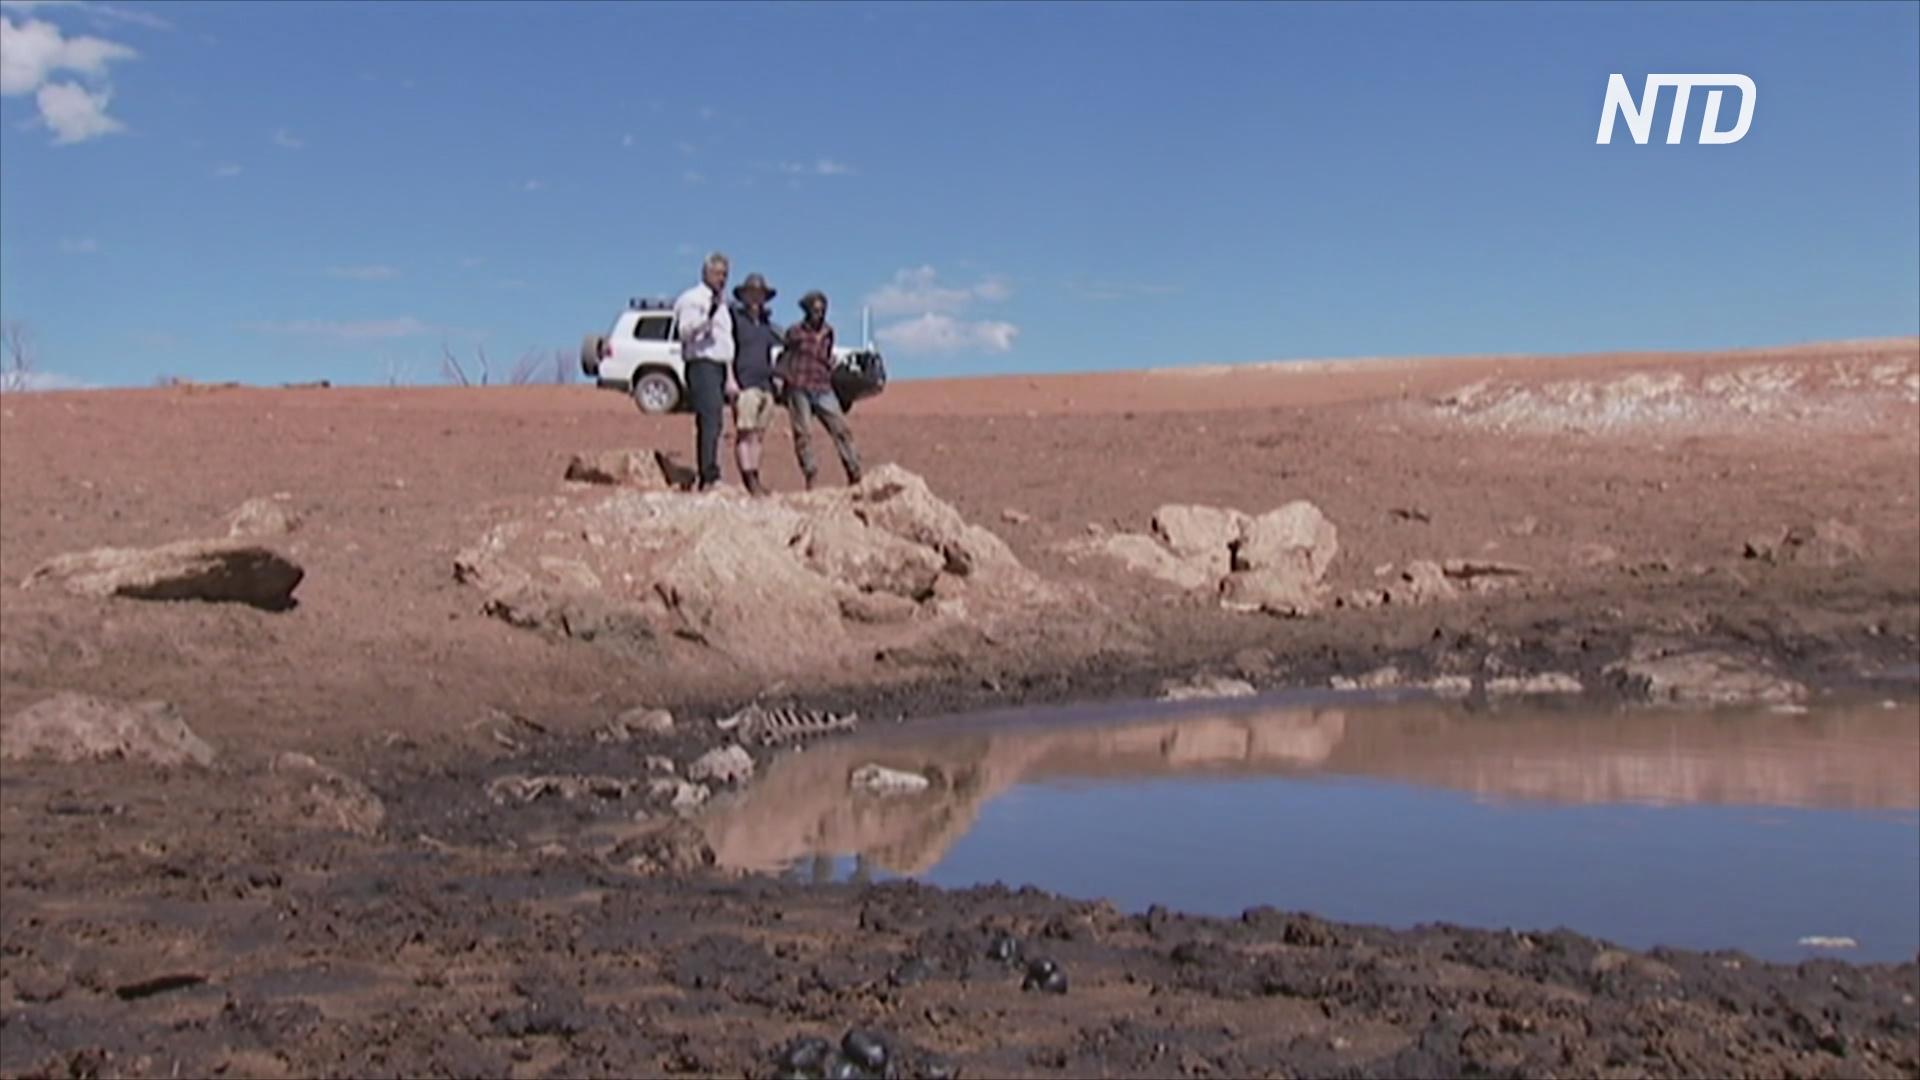 Австралия: в пустыне обнаружили древний источник воды аборигенов